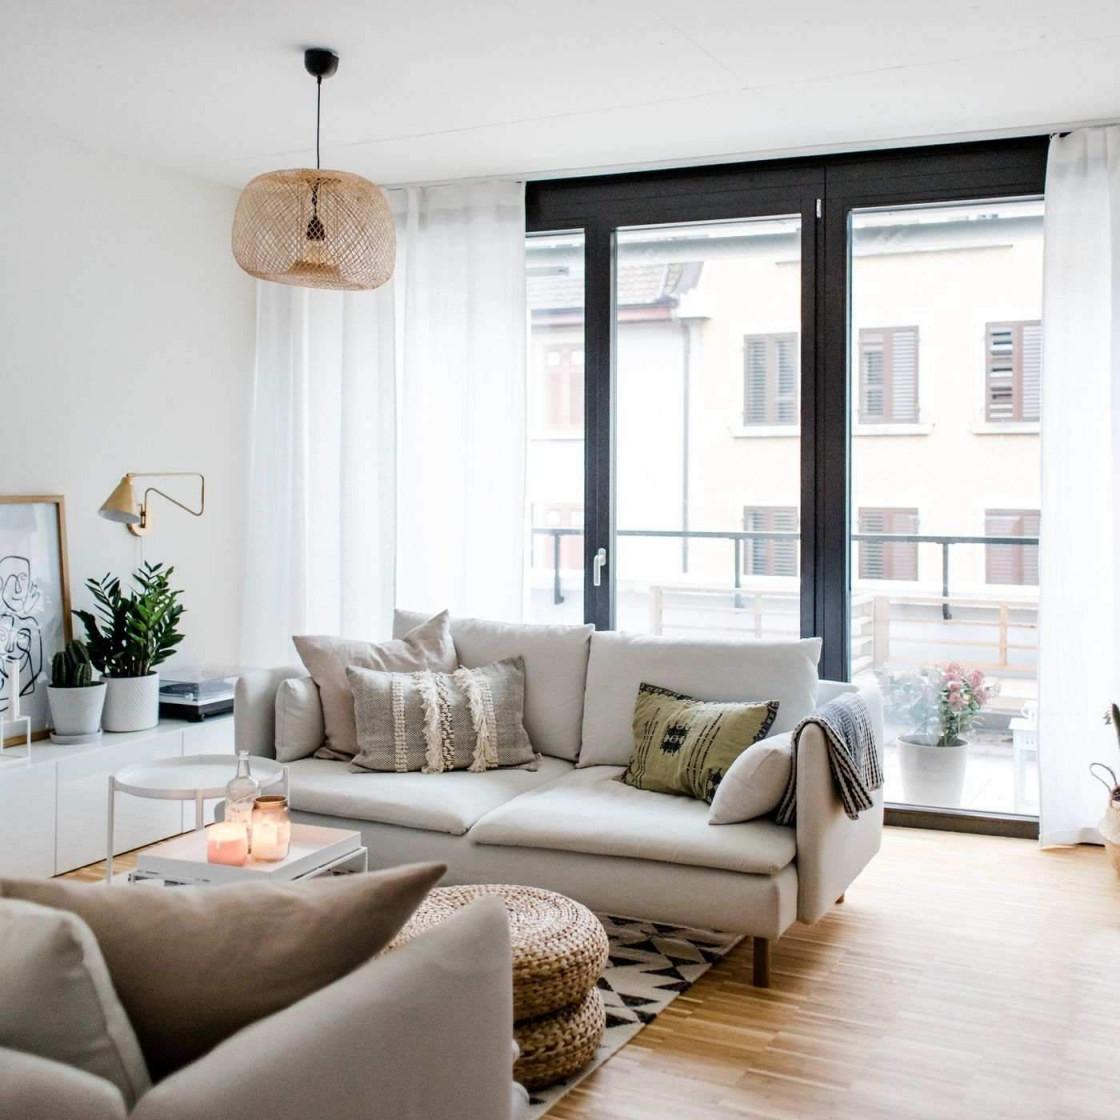 32 Luxus Kleine Wohnzimmer Modern Einrichten Genial von Wohnzimmer Modern Einrichten Photo